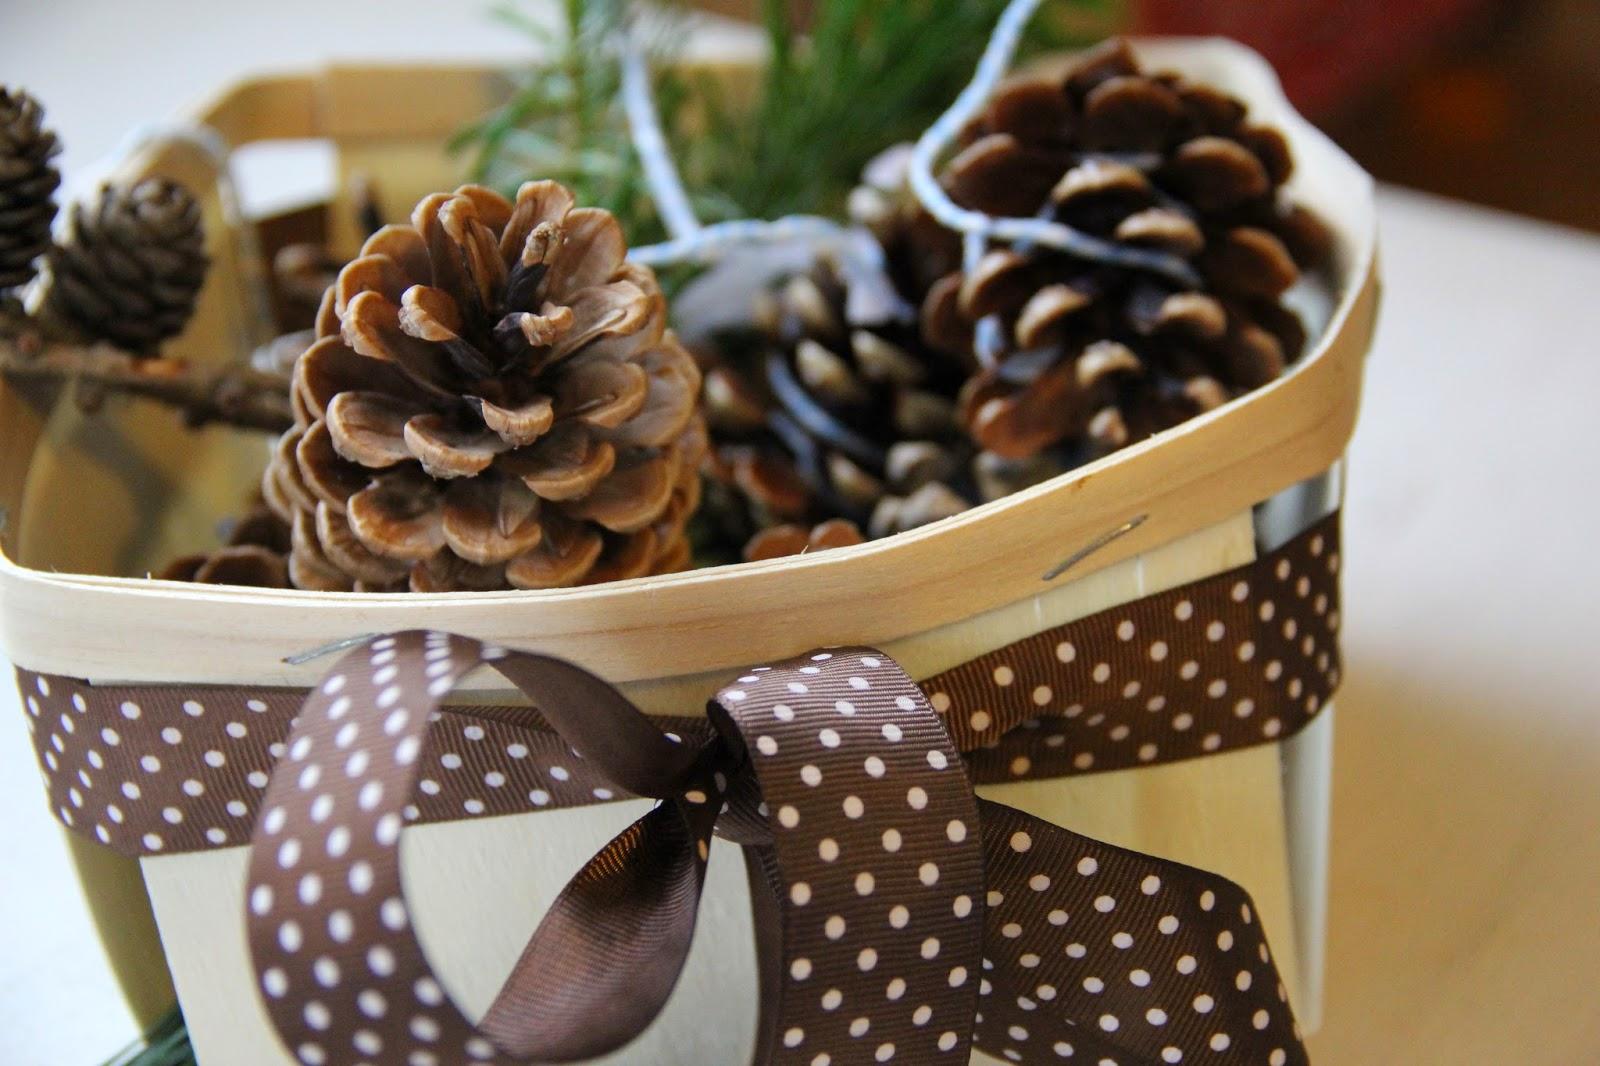 Familienjahr selbstgemachte weihnachtsgeschenke for Originelle weihnachtsgeschenke selbstgemacht